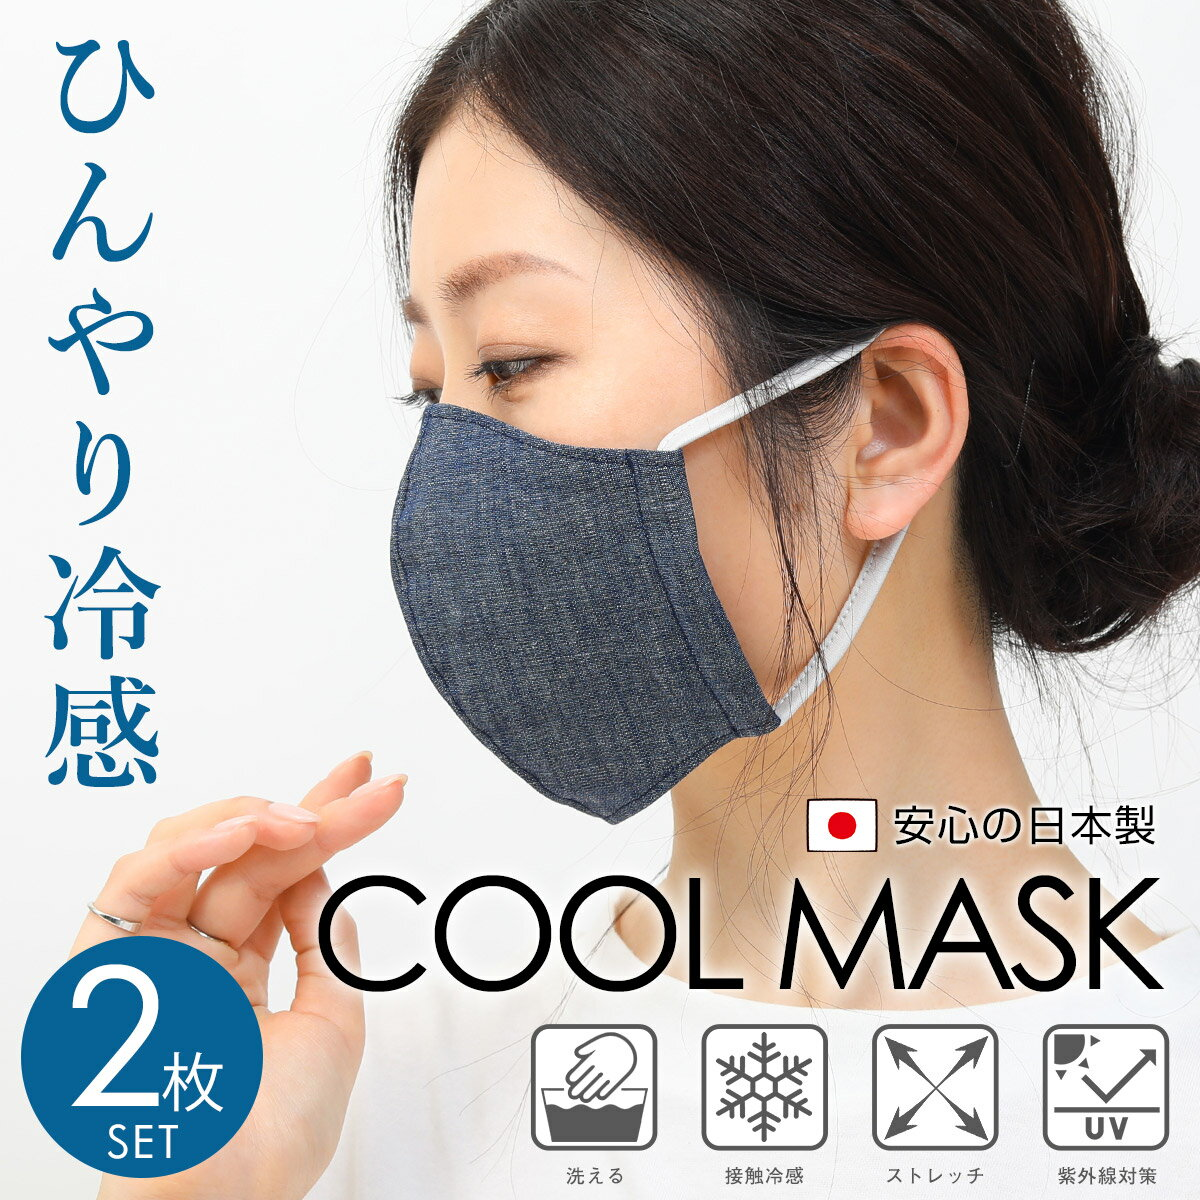 てる 店 仙台 マスク 売っ